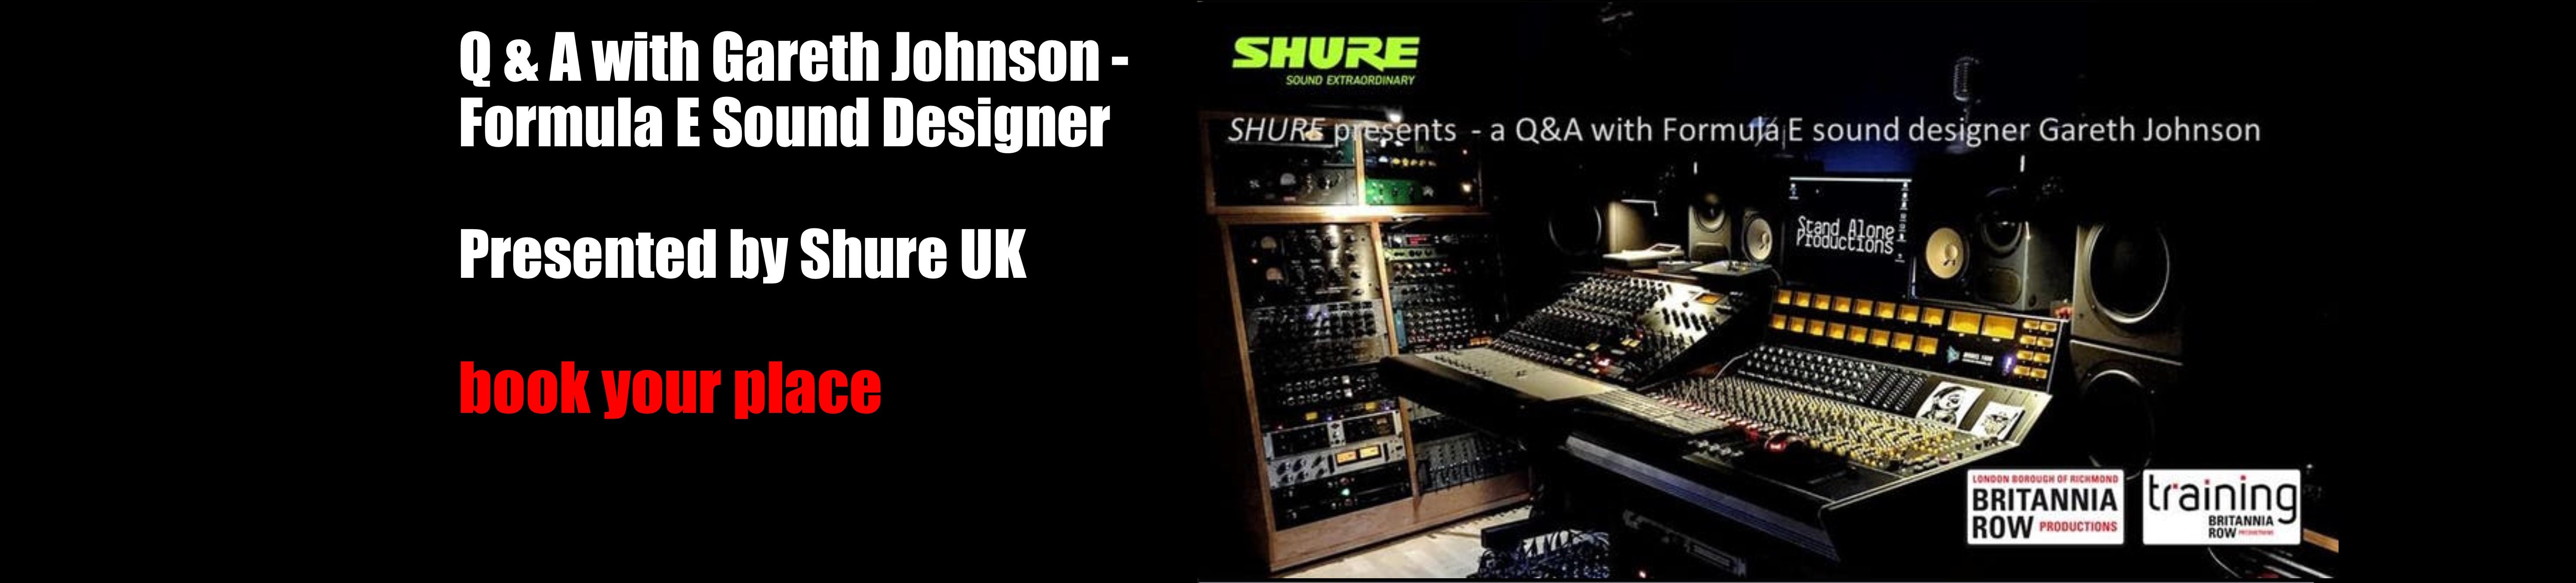 LSA-with-Gareth-Johnson-